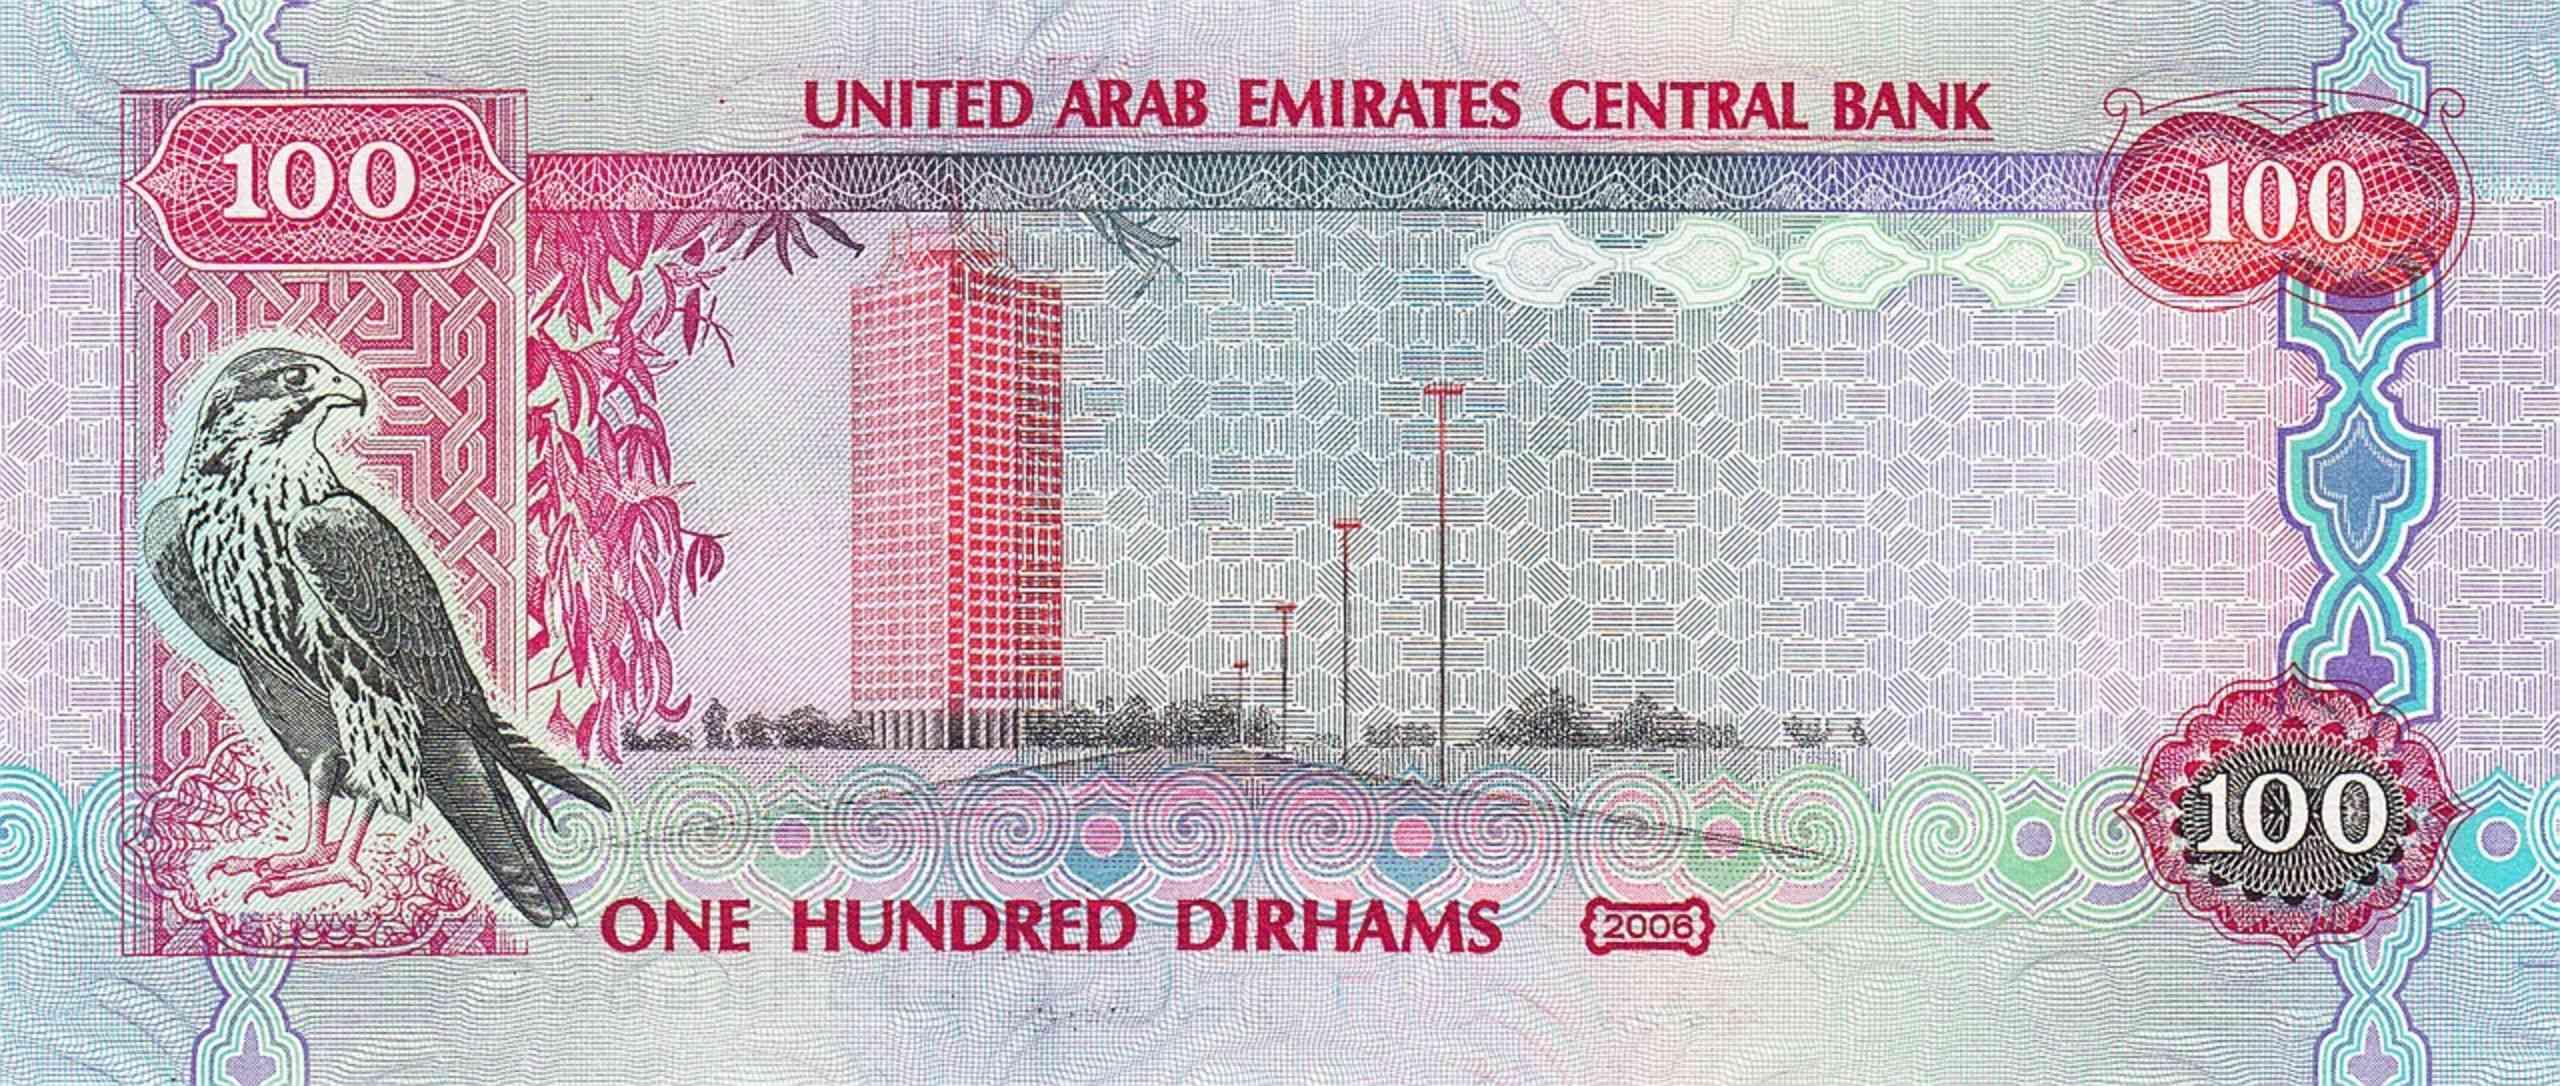 Symbol for uae dirham images symbol and sign ideas banknote index united arab emirates 100 dirham p30c buycottarizona biocorpaavc